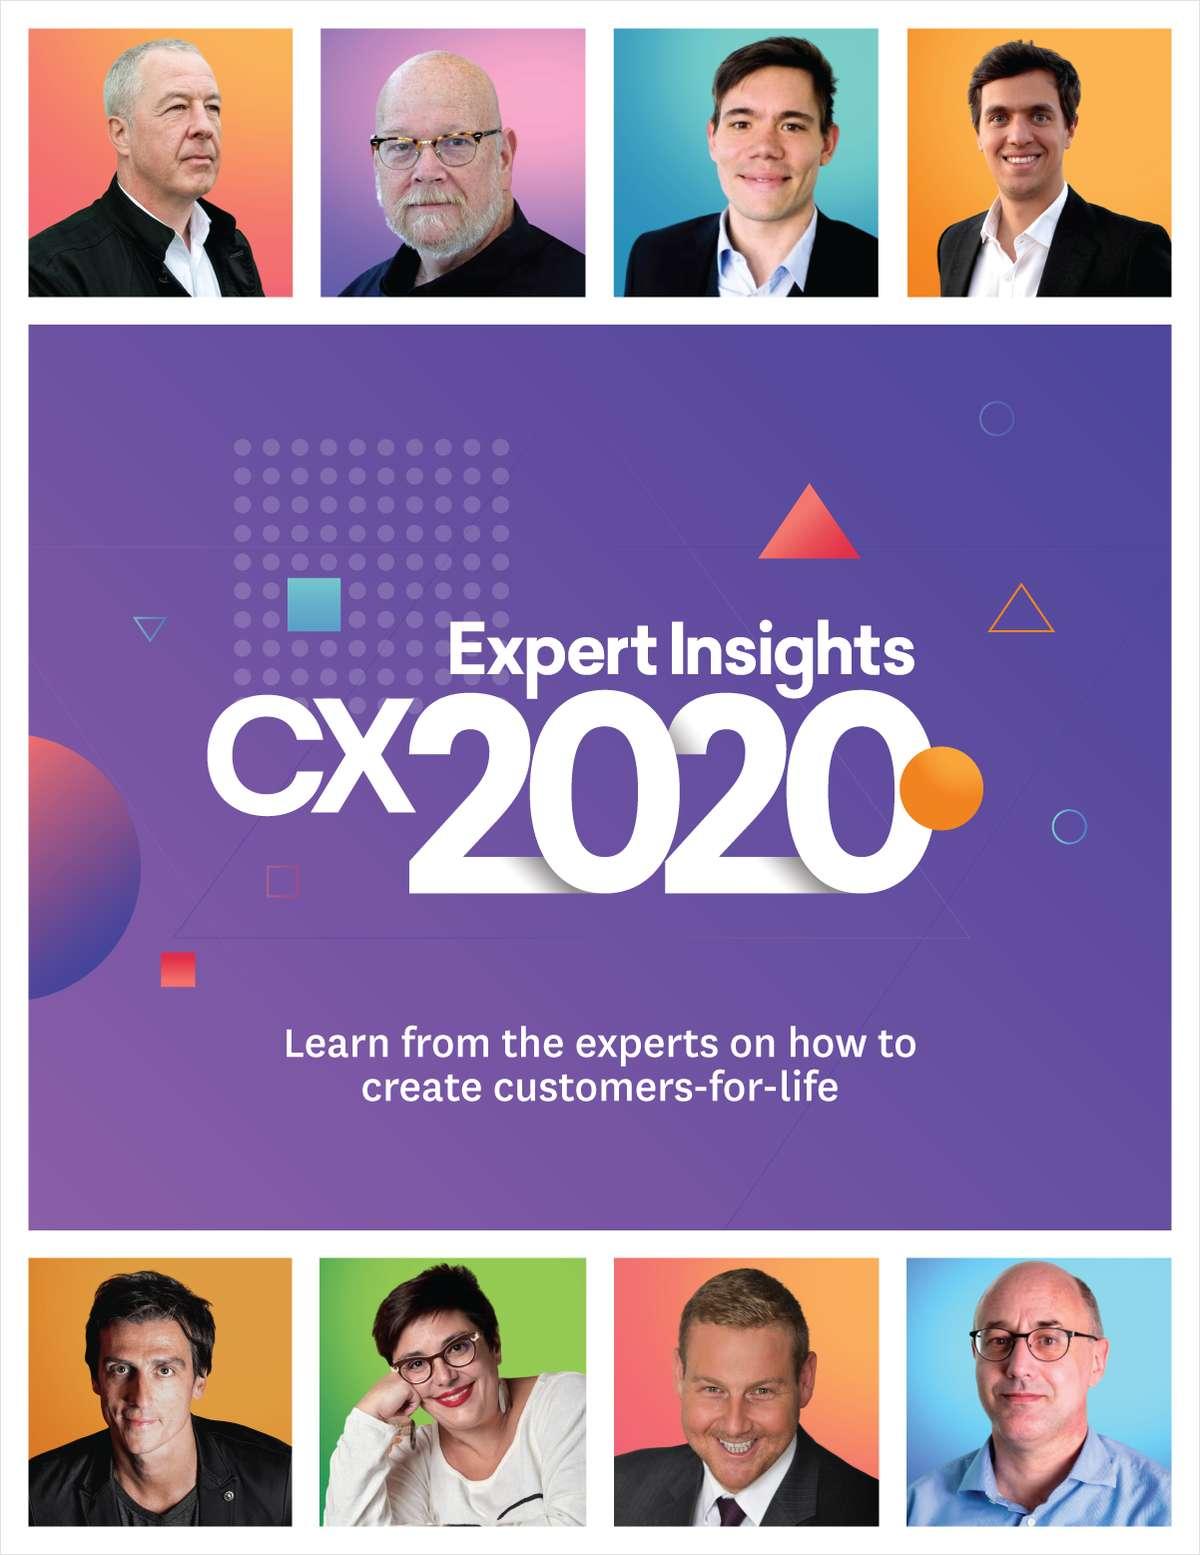 Expert Insights CX 2020